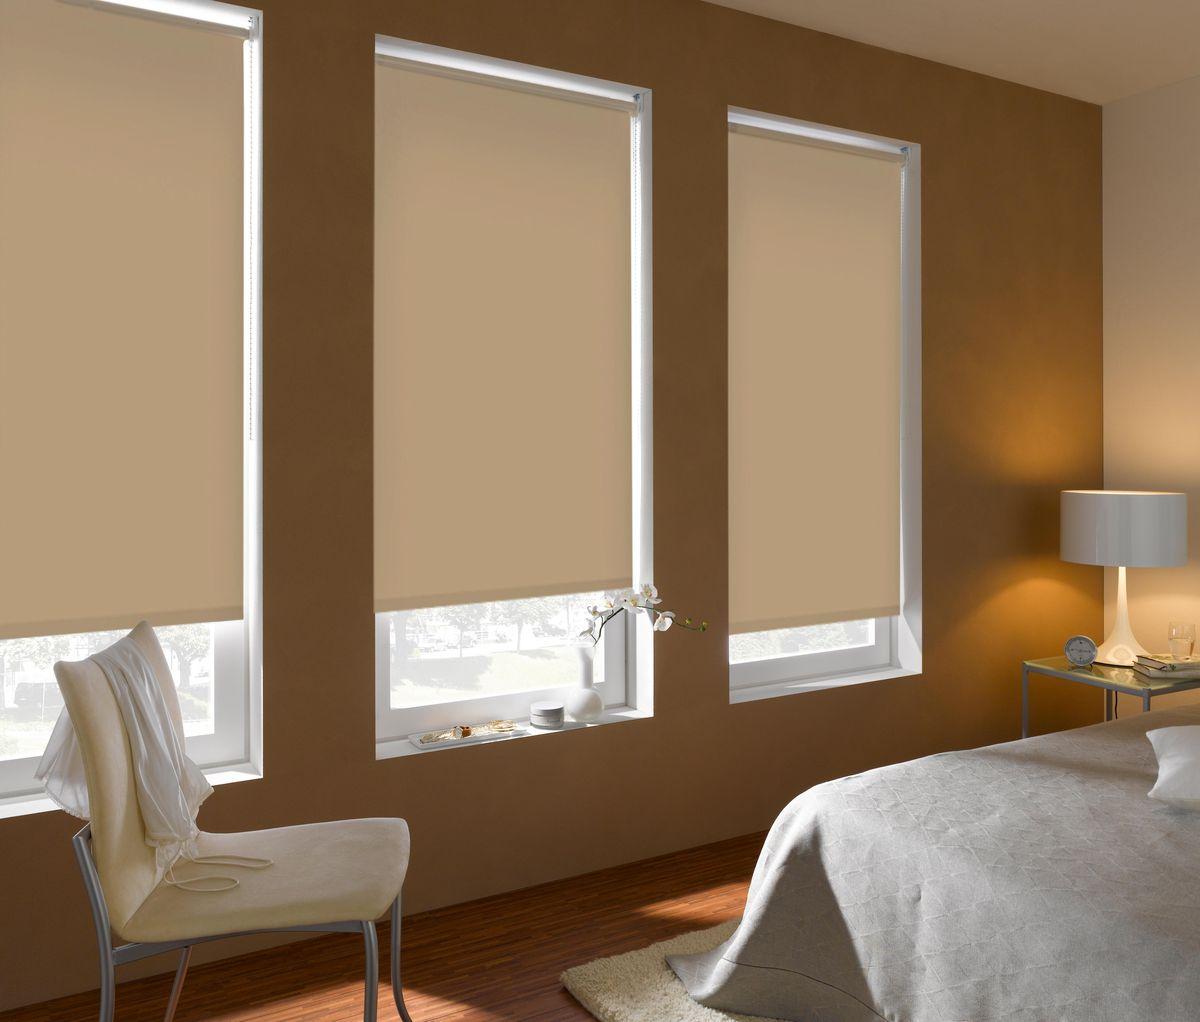 Штора рулонная Эскар Blackout, светонепроницаемая, цвет: бежевый, ширина 150 см, высота 170 см84009150170Рулонными шторами можно оформлять окна как самостоятельно, так и использовать в комбинации с портьерами. Это поможет предотвратить выгорание дорогой ткани на солнце и соединит функционал рулонных с красотой навесных. Преимущества применения рулонных штор для пластиковых окон: - имеют прекрасный внешний вид: многообразие и фактурность материала изделия отлично смотрятся в любом интерьере; - многофункциональны: есть возможность подобрать шторы способные эффективно защитить комнату от солнца, при этом она не будет слишком темной. - Есть возможность осуществить быстрый монтаж. ВНИМАНИЕ! Размеры ширины изделия указаны по ширине ткани! Во время эксплуатации не рекомендуется полностью разматывать рулон, чтобы не оторвать ткань от намоточного вала. В случае загрязнения поверхности ткани, чистку шторы проводят одним из способов, в зависимости от типа загрязнения: легкое поверхностное загрязнение можно удалить при помощи канцелярского ластика; чистка от пыли производится сухим методом при...